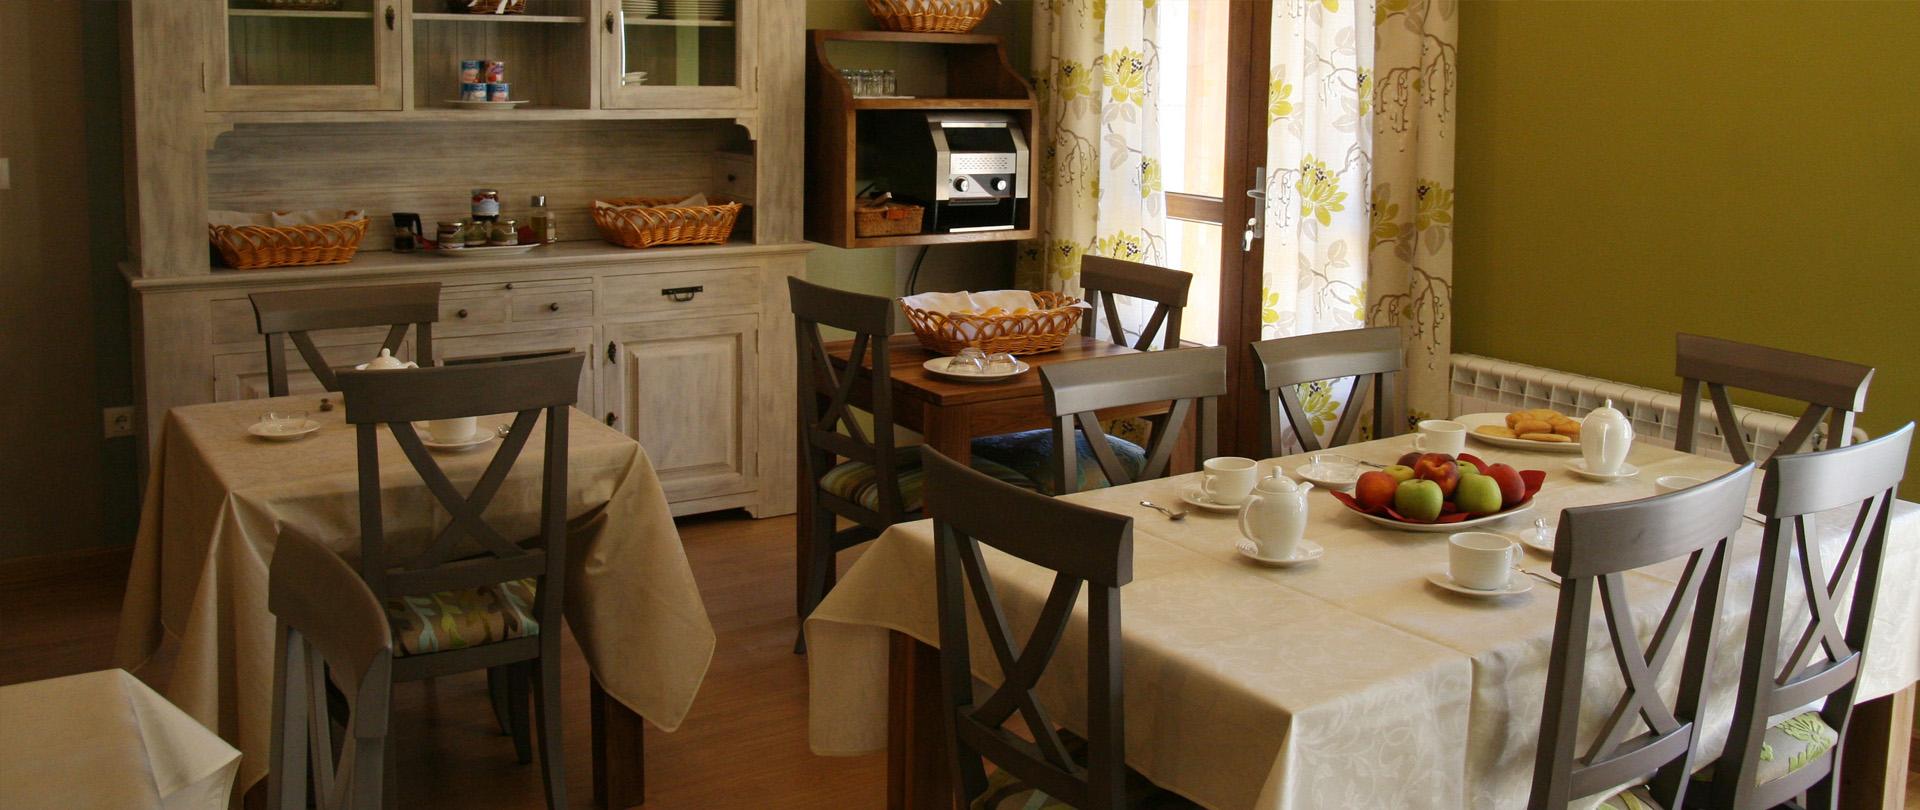 hotel rural cantabria posada potes 14